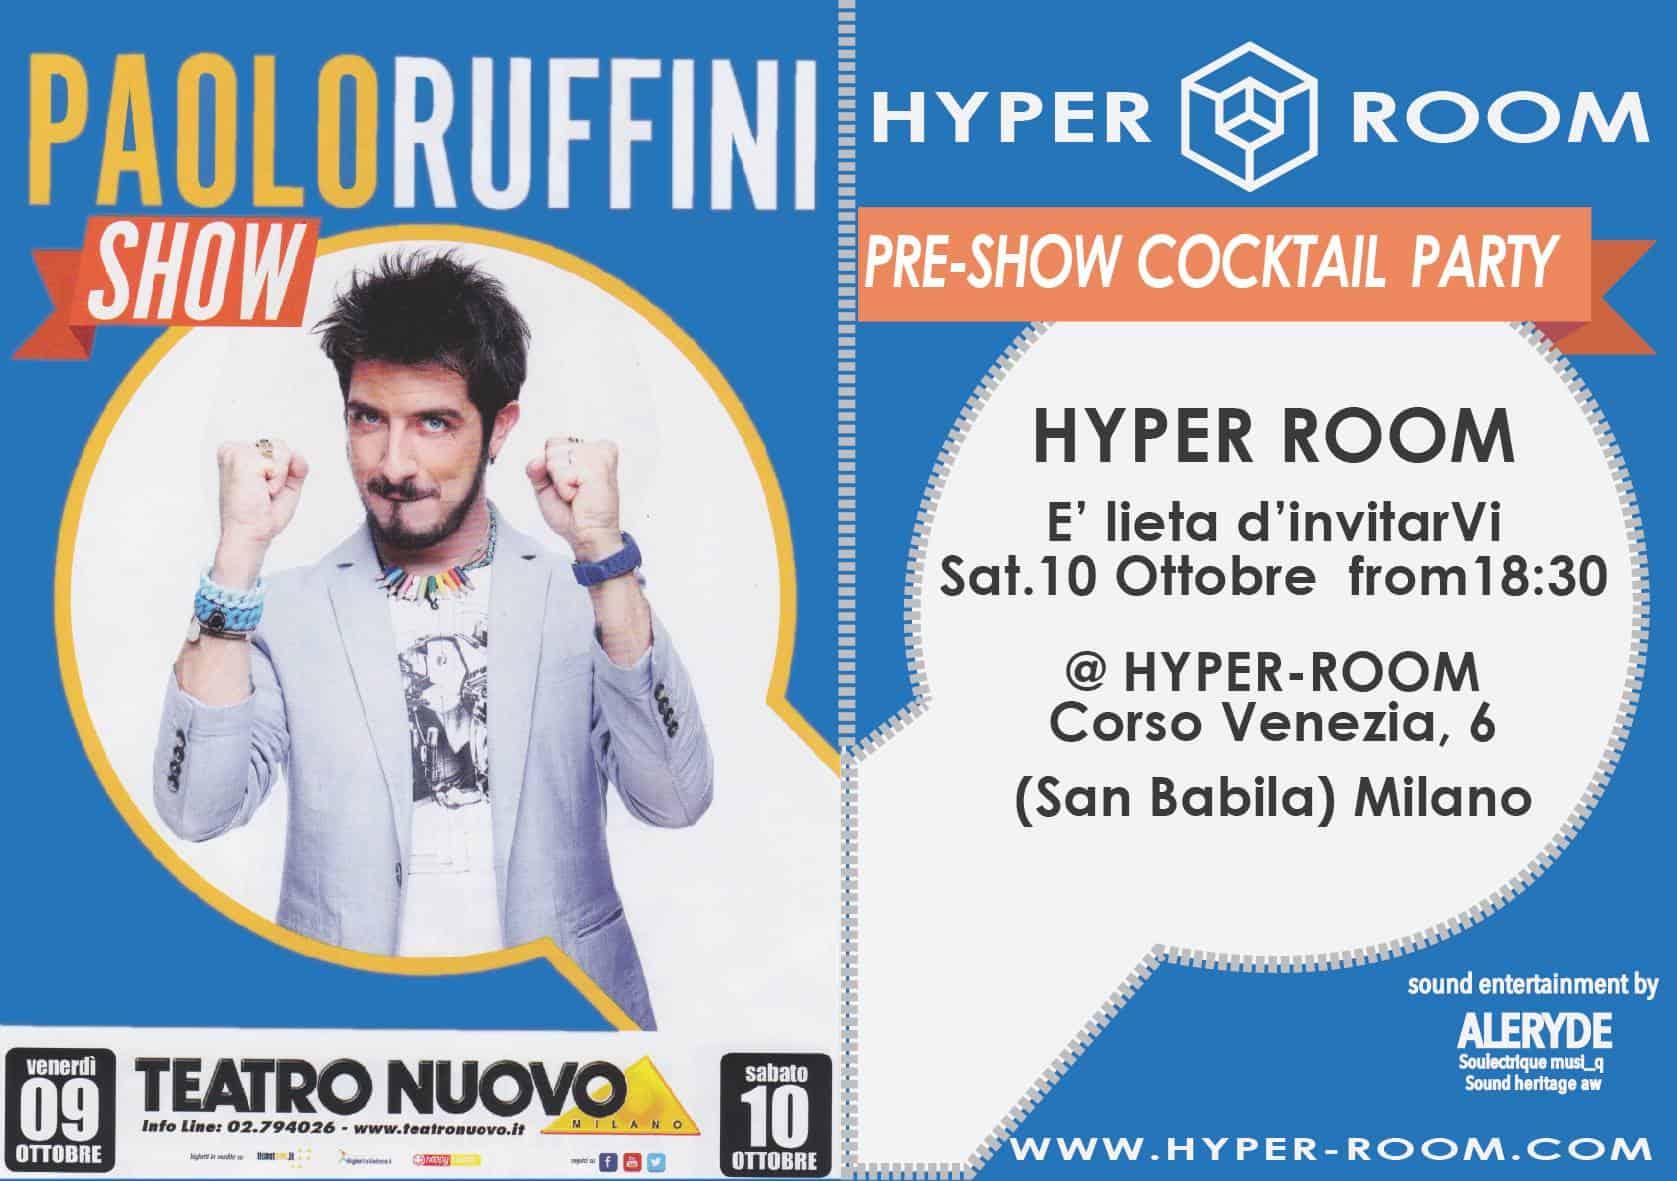 Preshow Paolo Ruffini 96